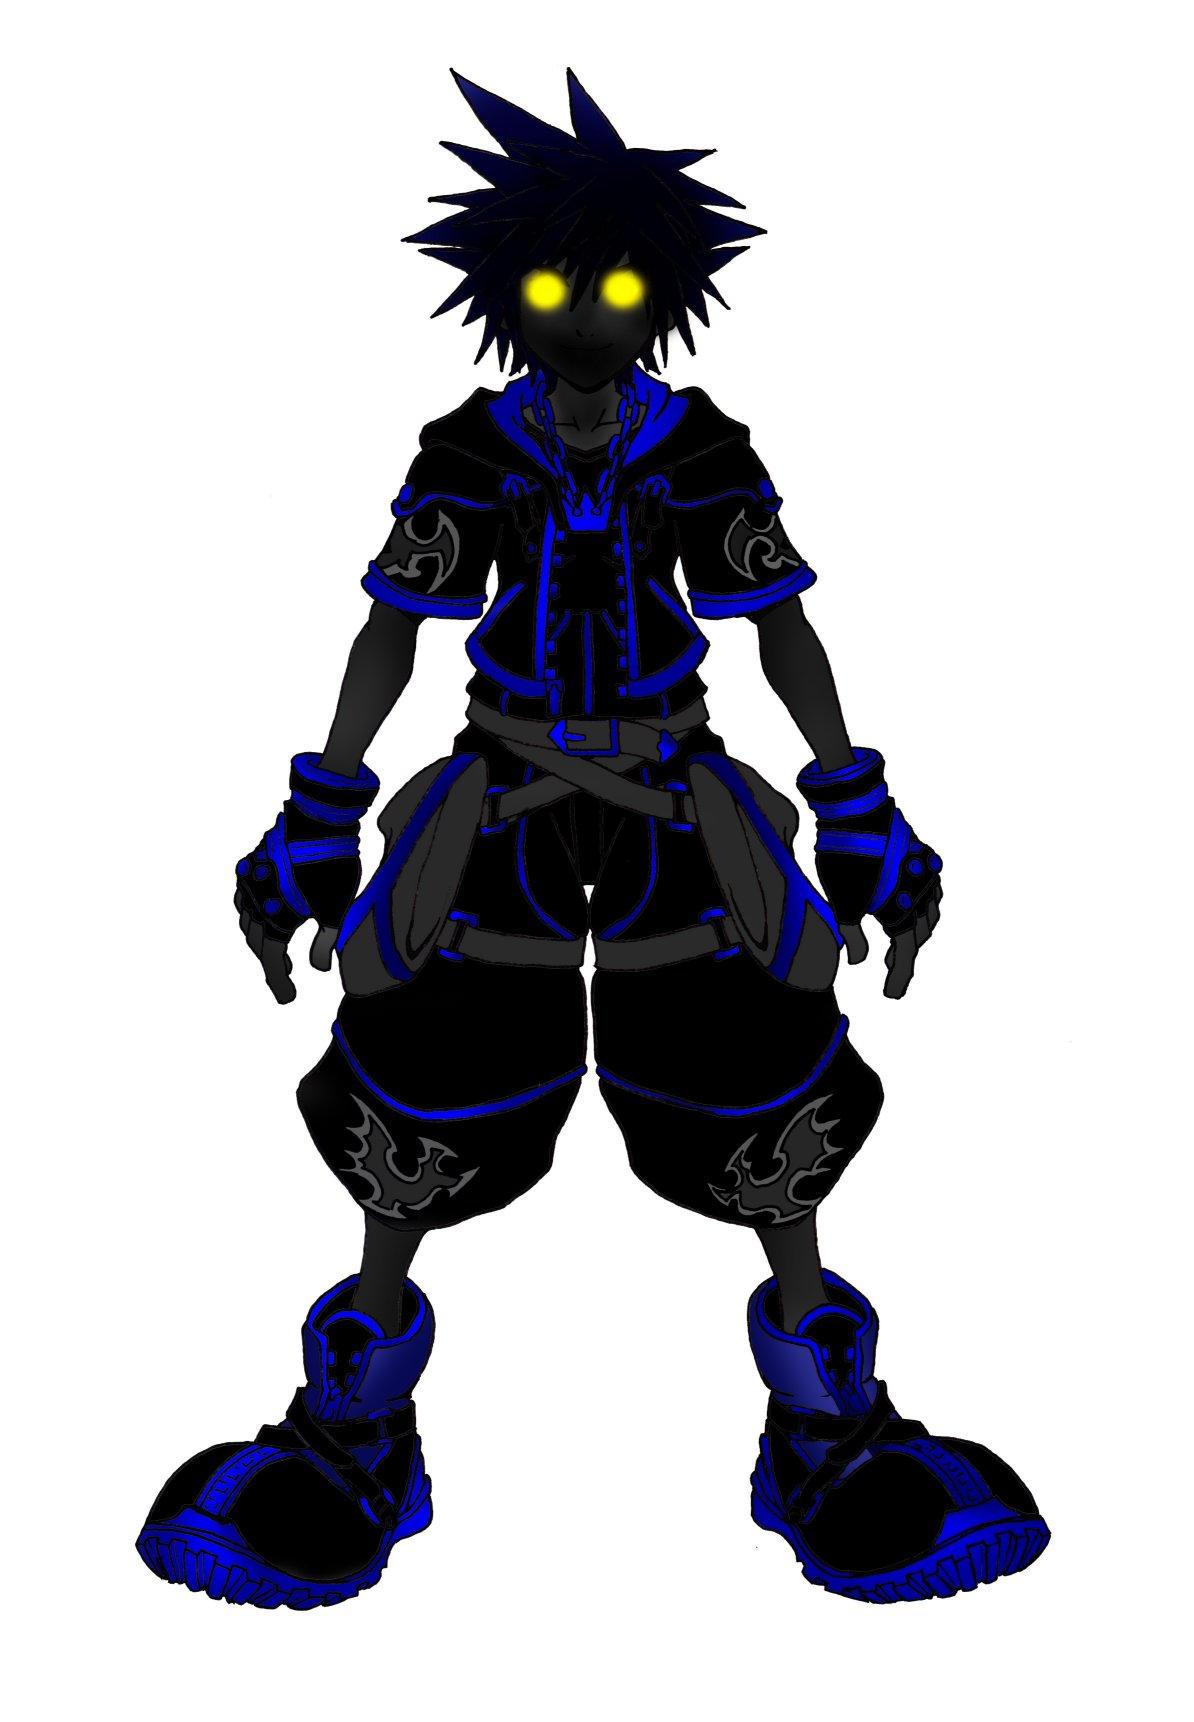 Kingdom Hearts 2 Anti Form by Marduk-Kurios on DeviantArt